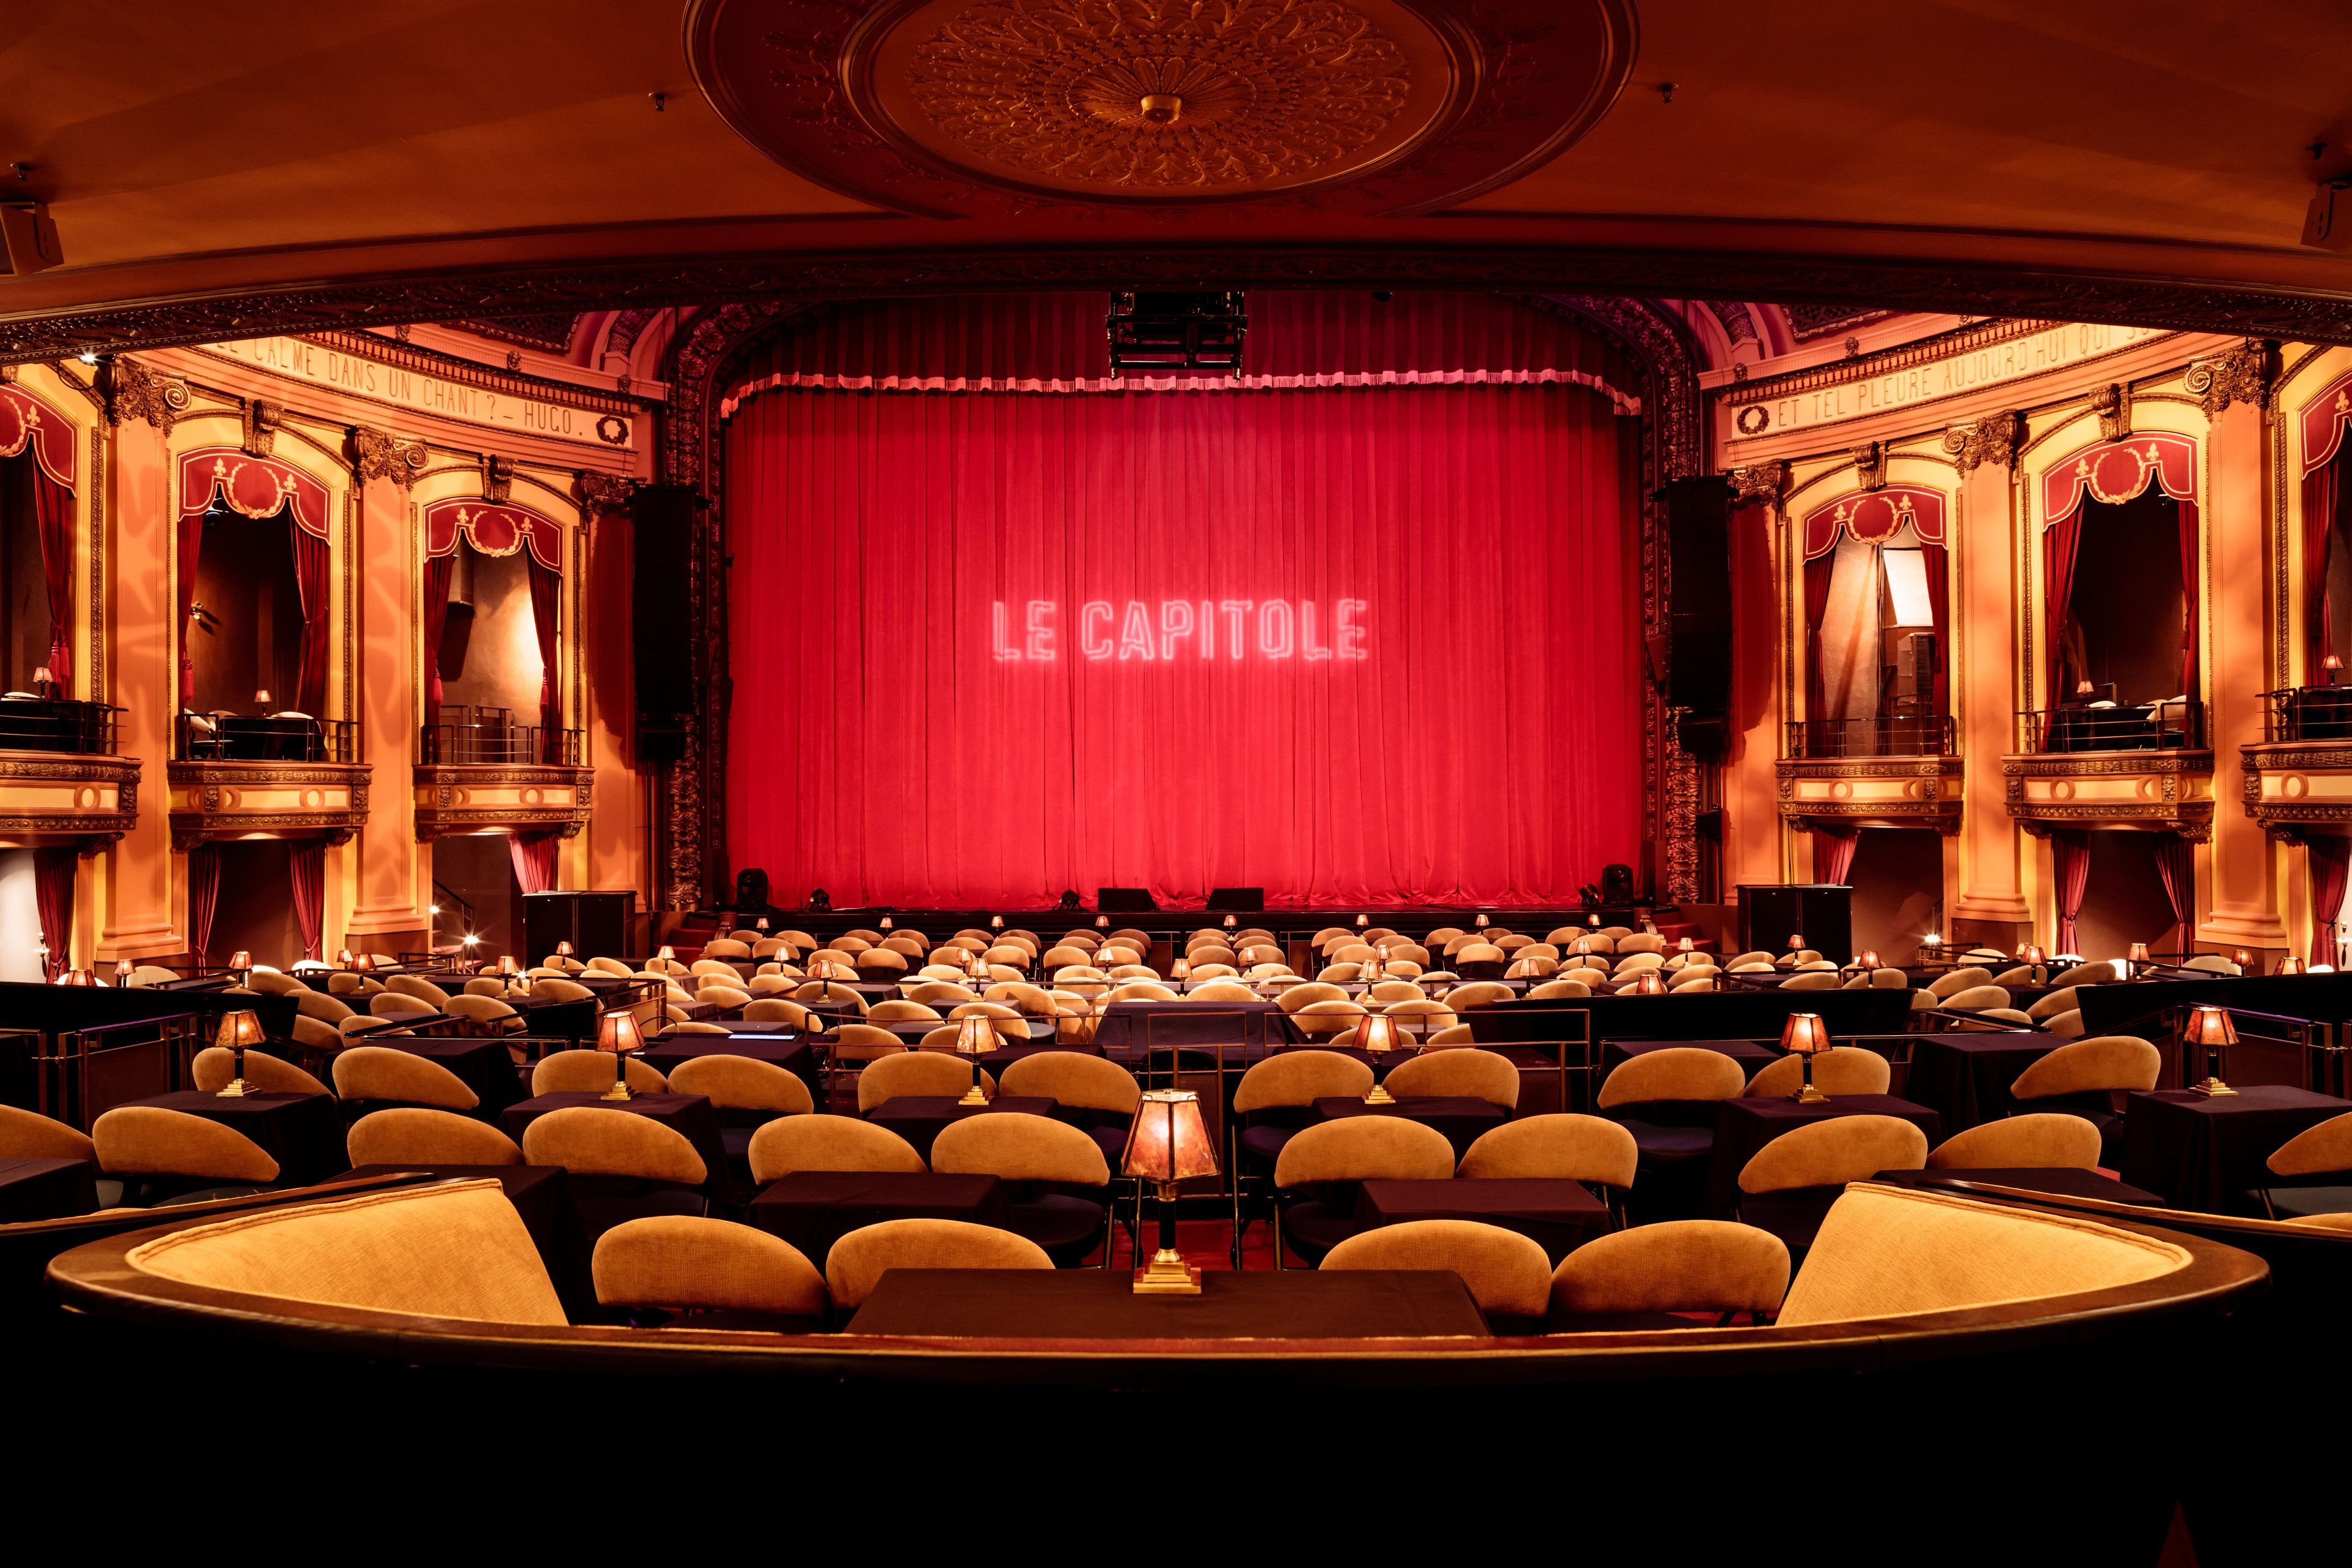 Courtesy of L'Hôtel du Capitole / Expedia